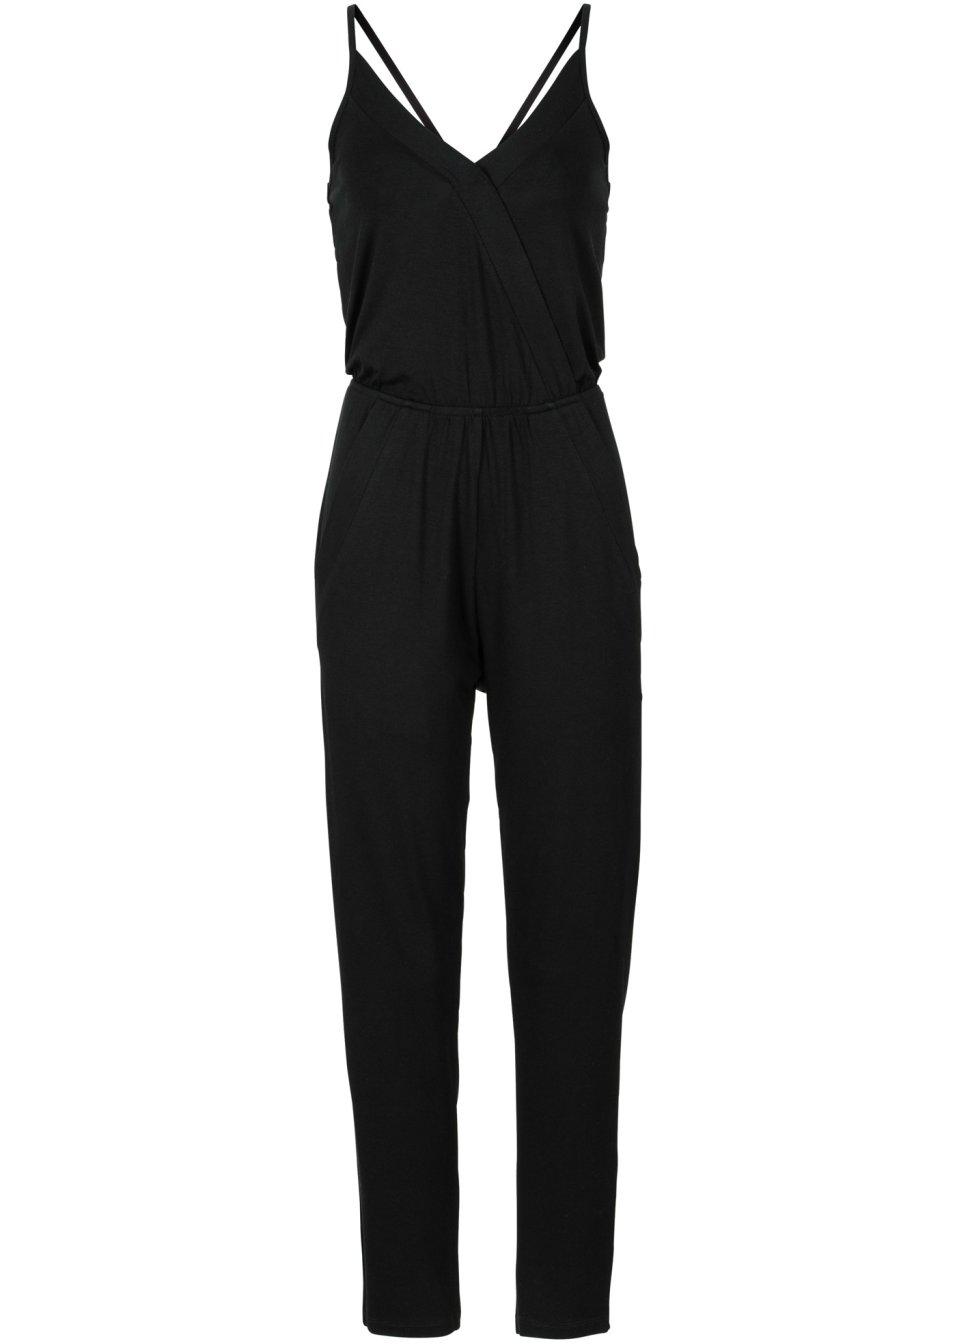 rmelloser jumpsuit mit gummibund schwarz. Black Bedroom Furniture Sets. Home Design Ideas